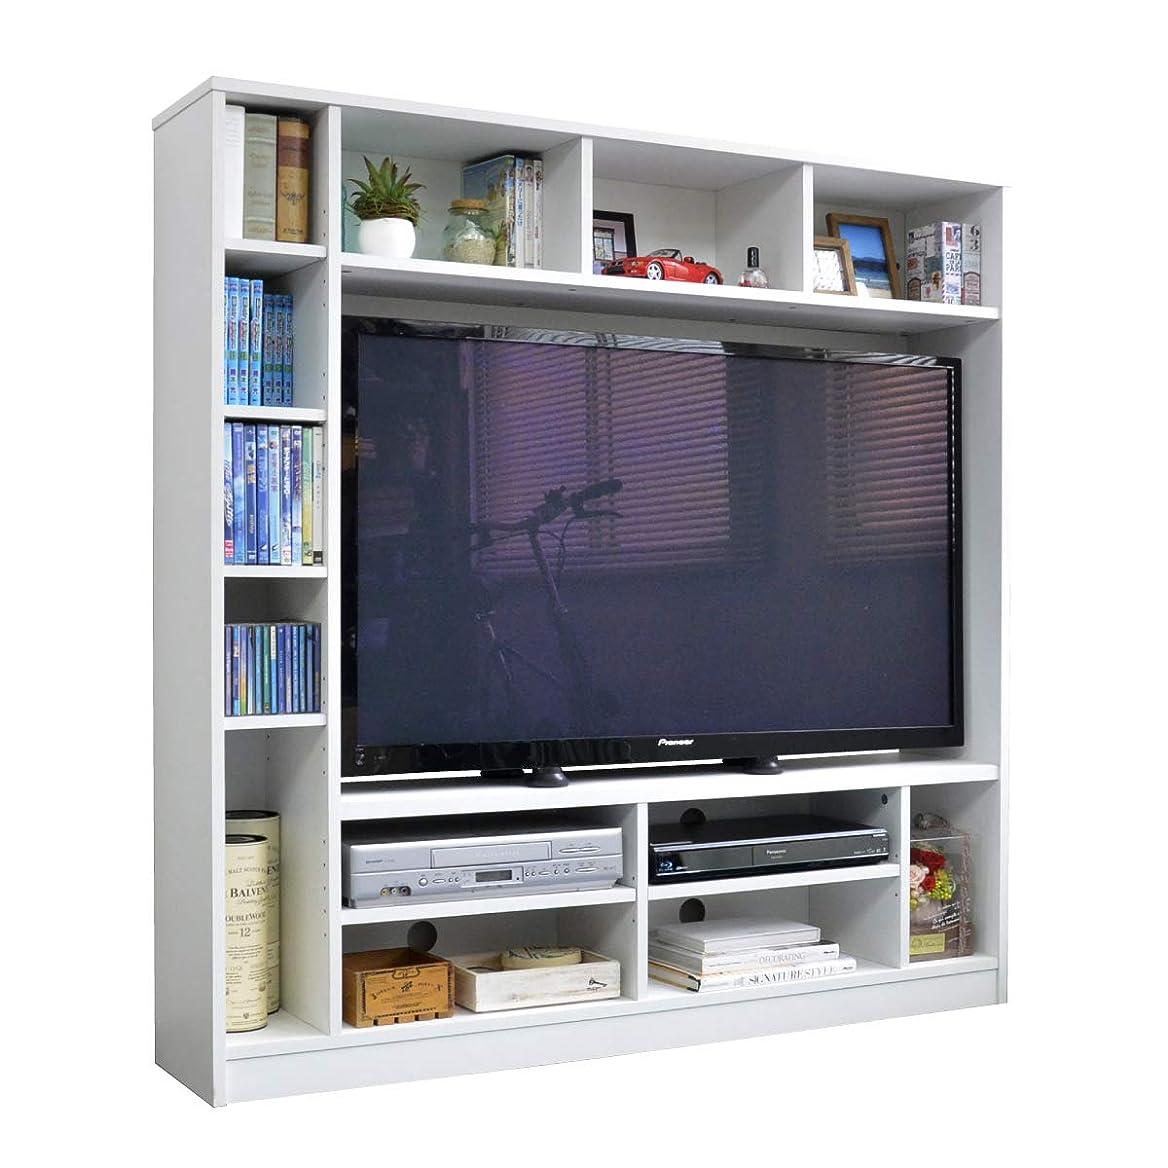 整然とした広告主失うテレビ台 ハイタイプ 壁面家具 リビング壁面収納 50インチ対応 TV台 テレビラック ゲート型AVボード 135cm幅 ホワイトTCP362-WH J-Supply